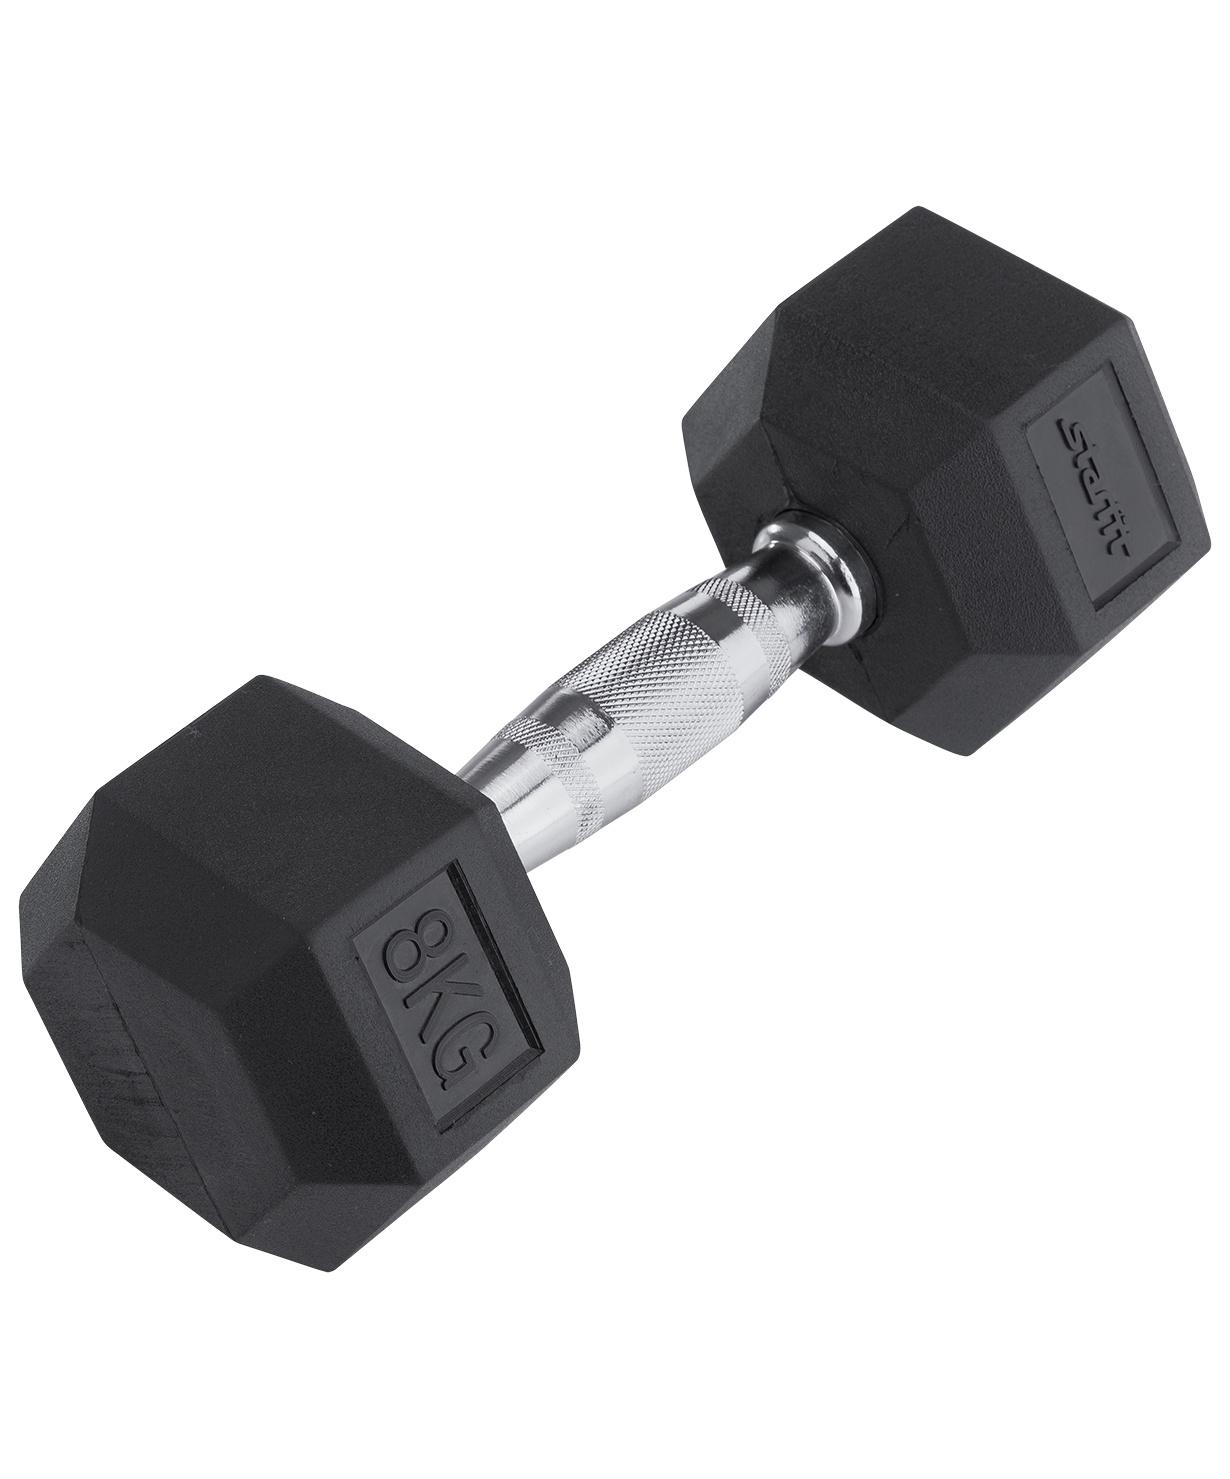 Гантель обрезиненная STARFIT DB-301  8 кг, черная 1/2